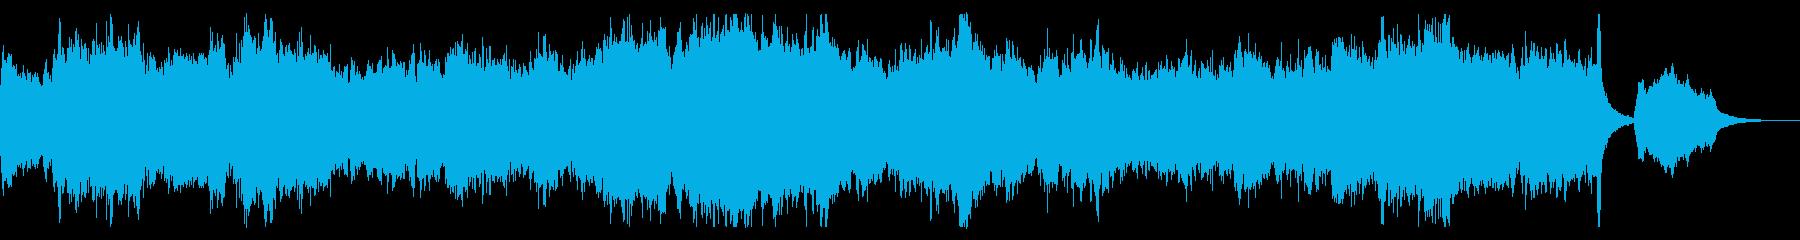 始まりを予感させる広大なサウンドの再生済みの波形